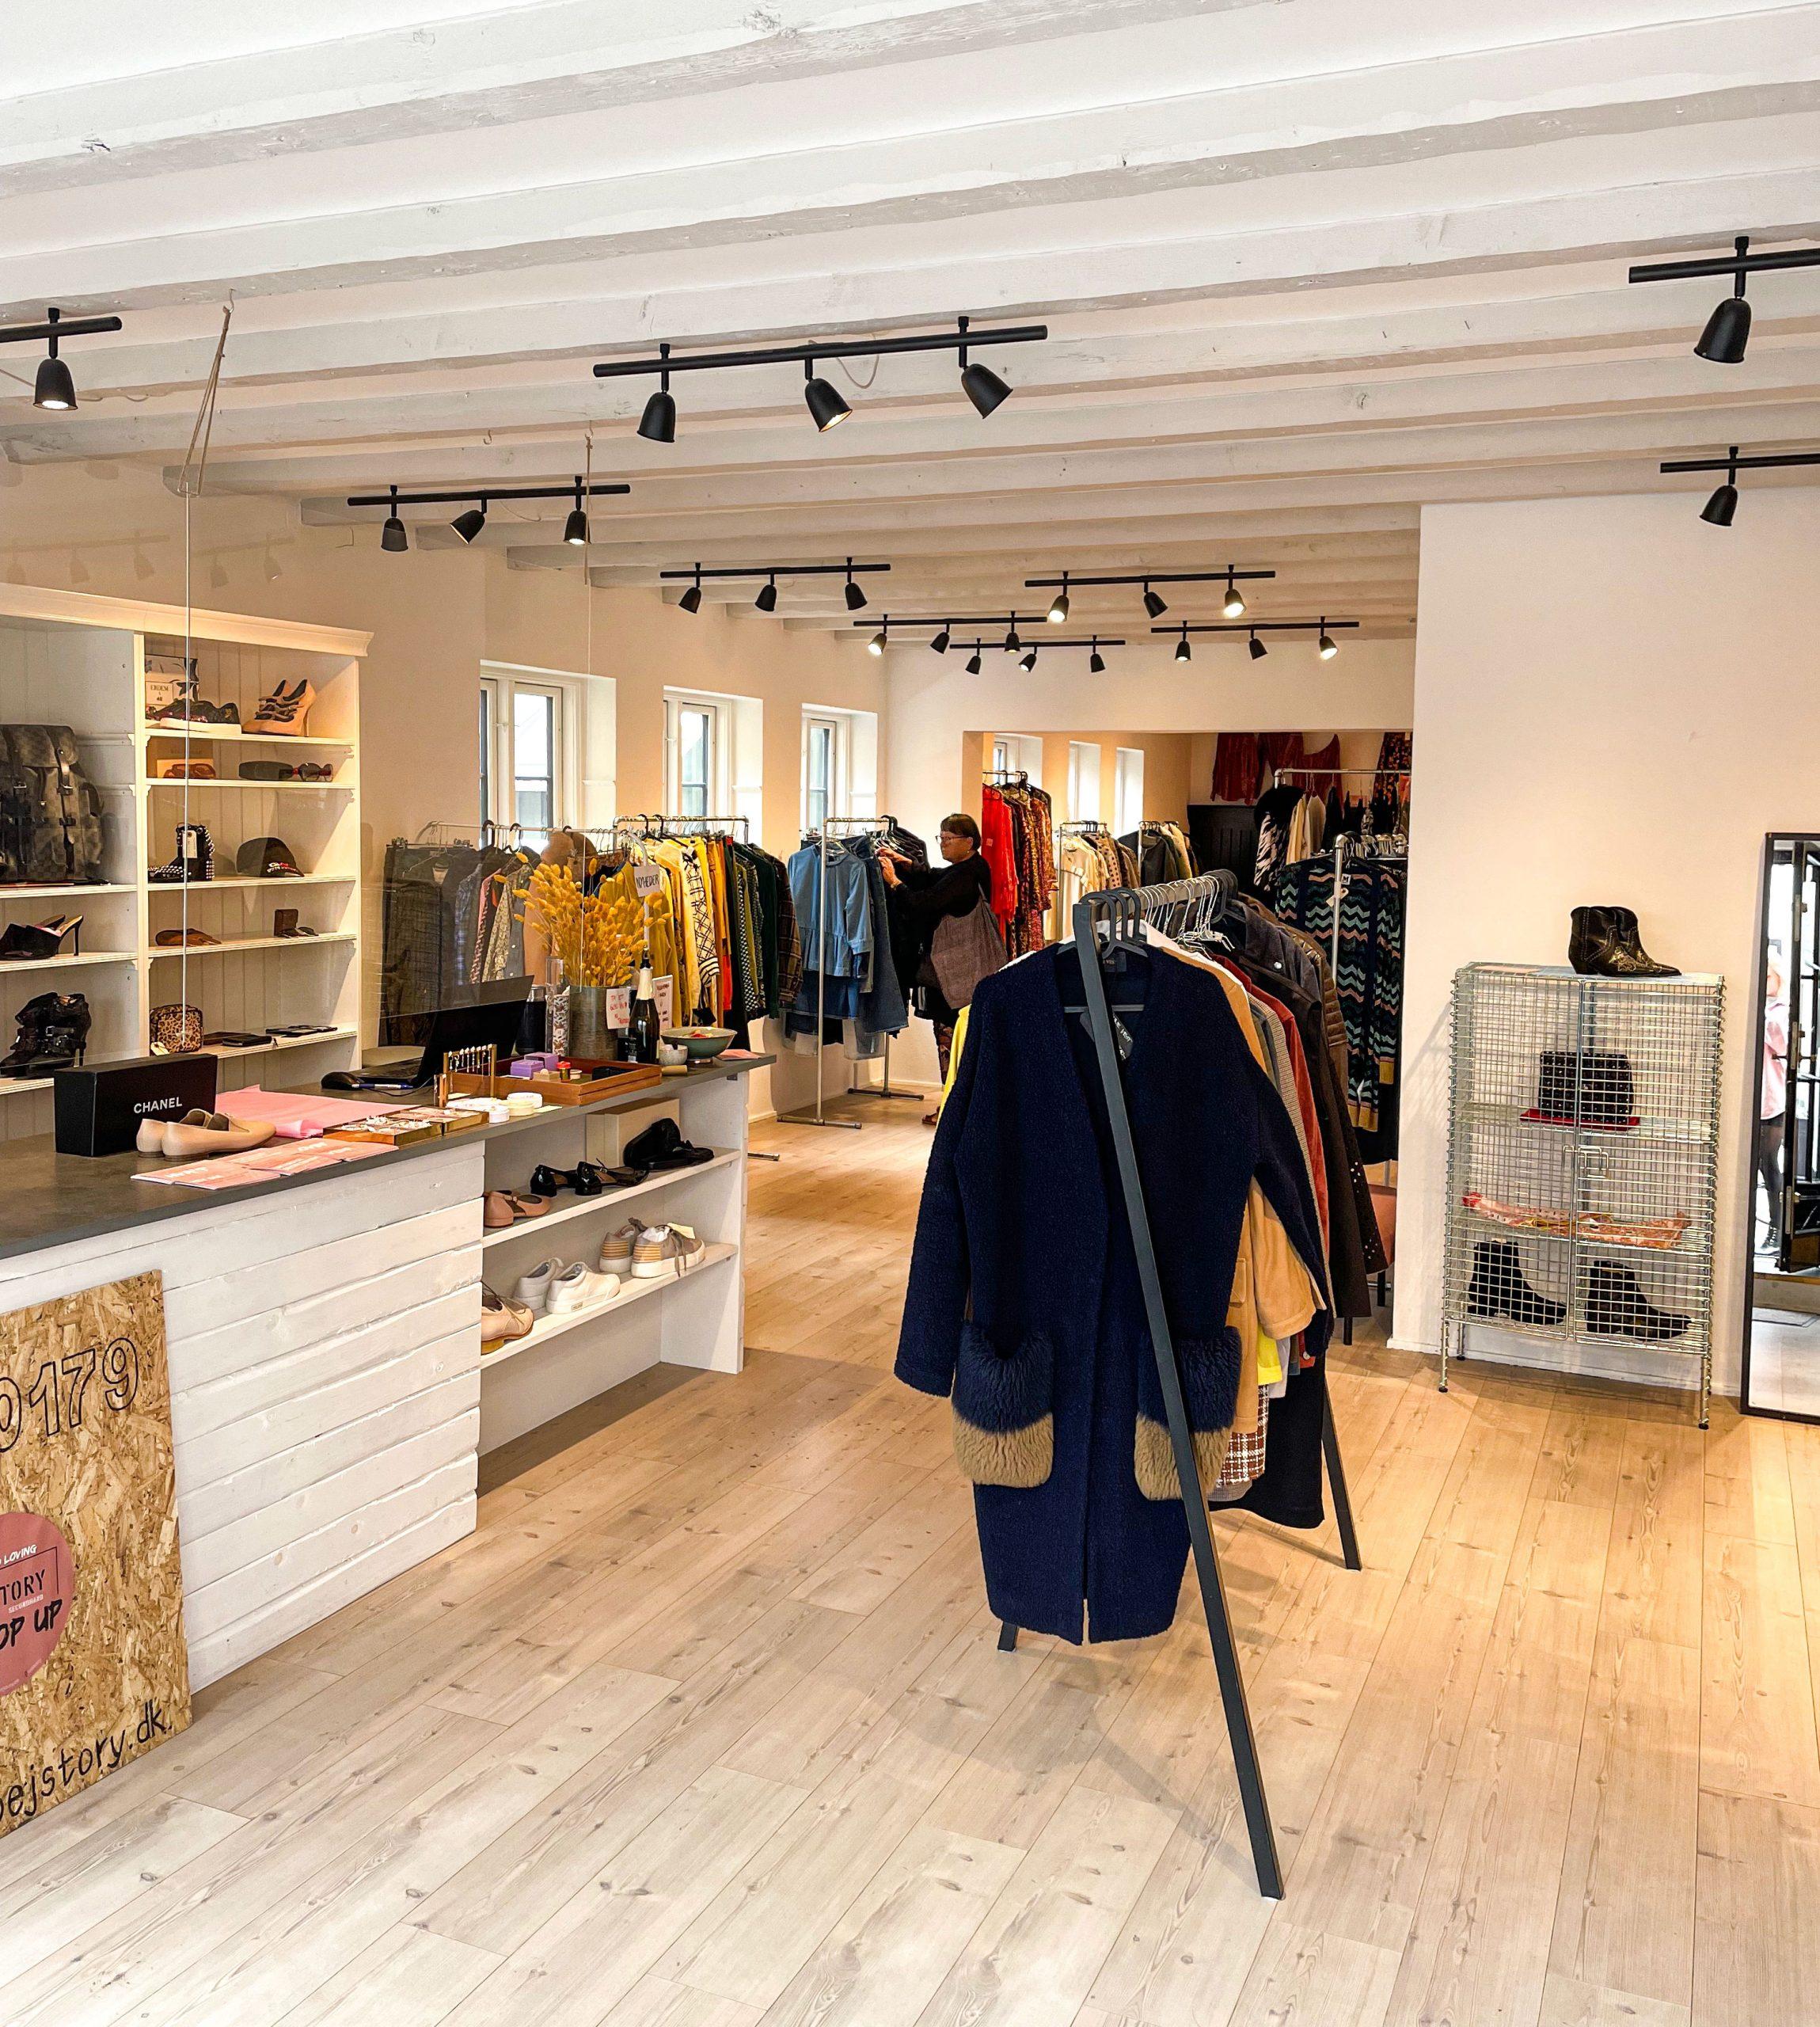 Lækkert tøj til skarpe priser: Populært secondhand-koncept er poppet up i Aalborg